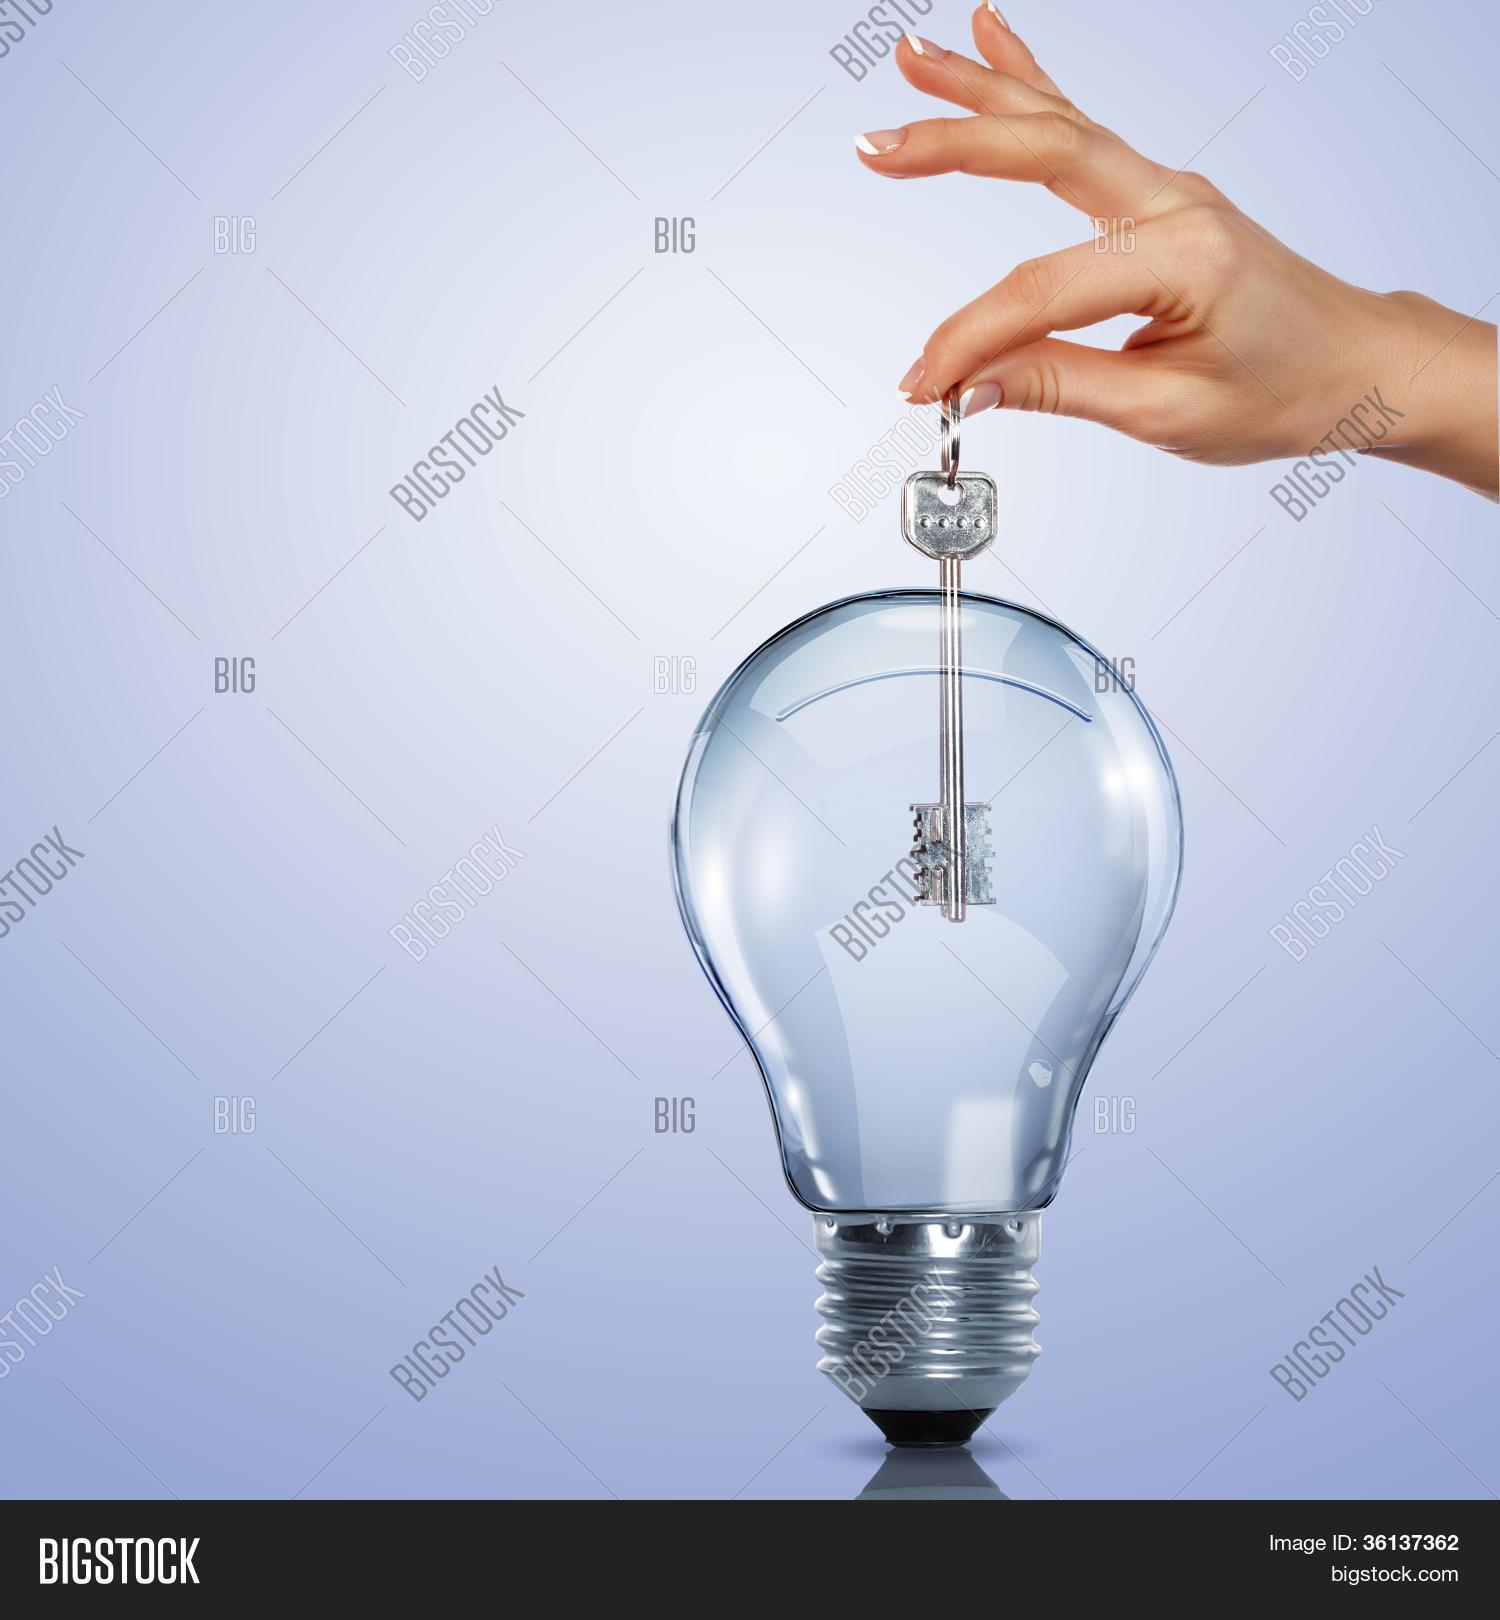 key inside light bulb